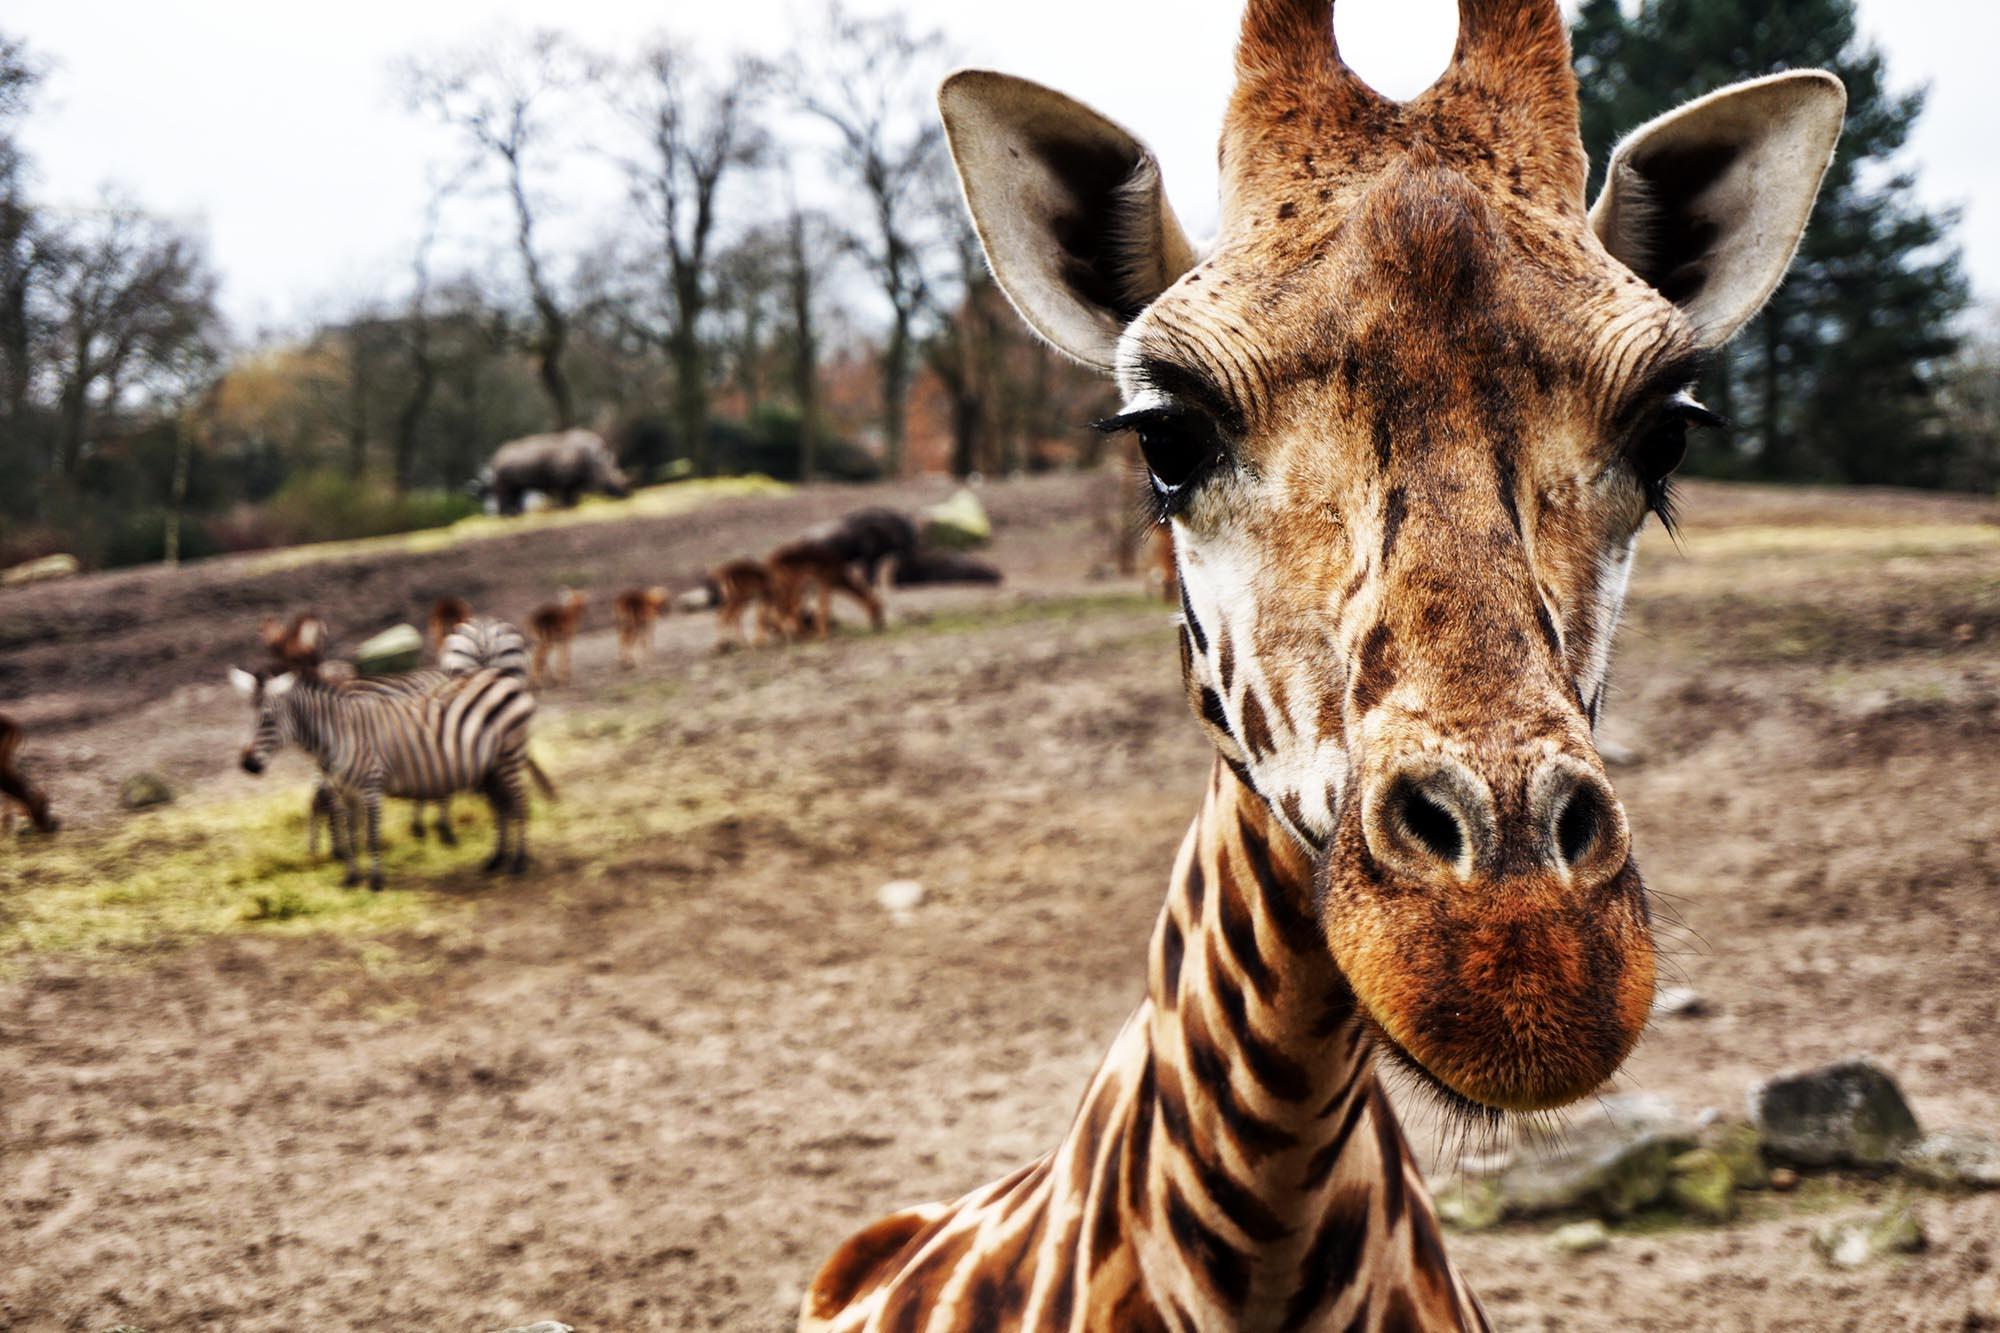 Není žirafa, jako žirafa. Podle genetického výzkumu existují čtyři druhy